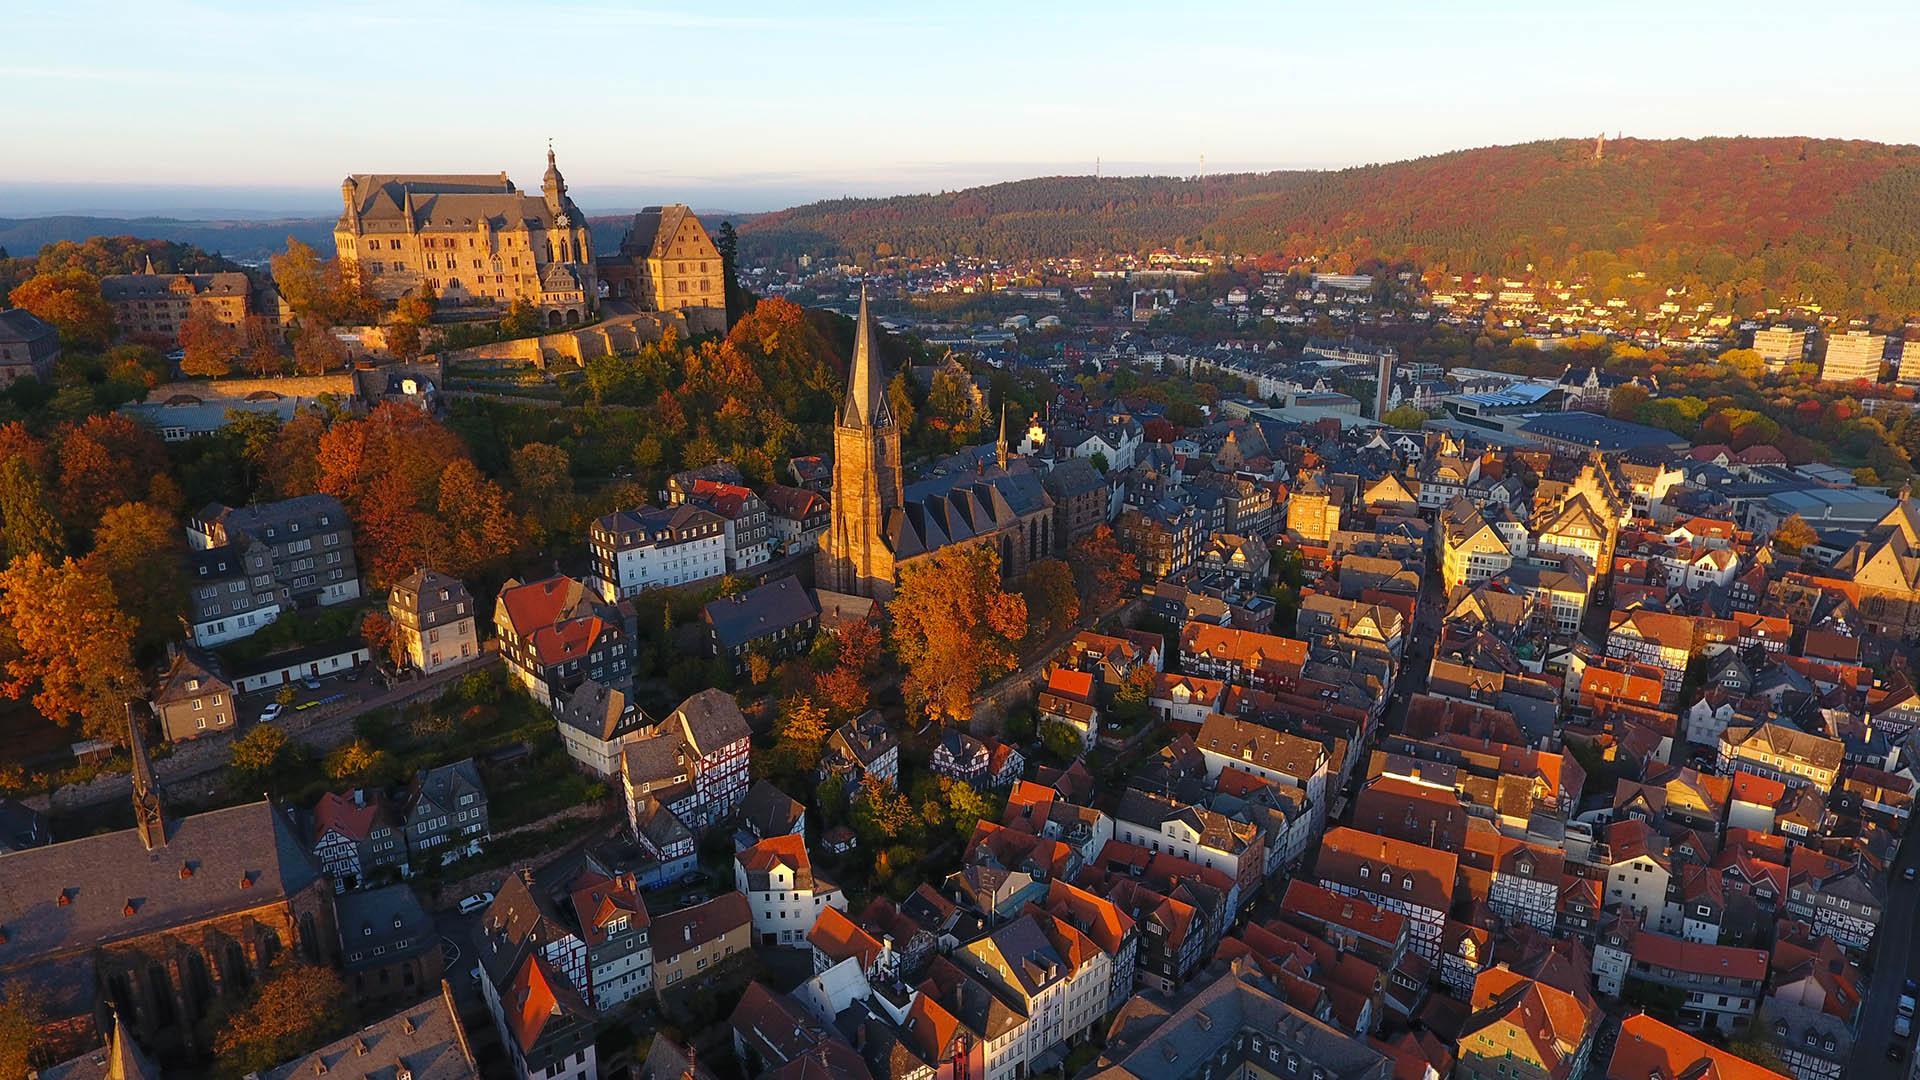 Historische Altstadt Marburg an der Lahn